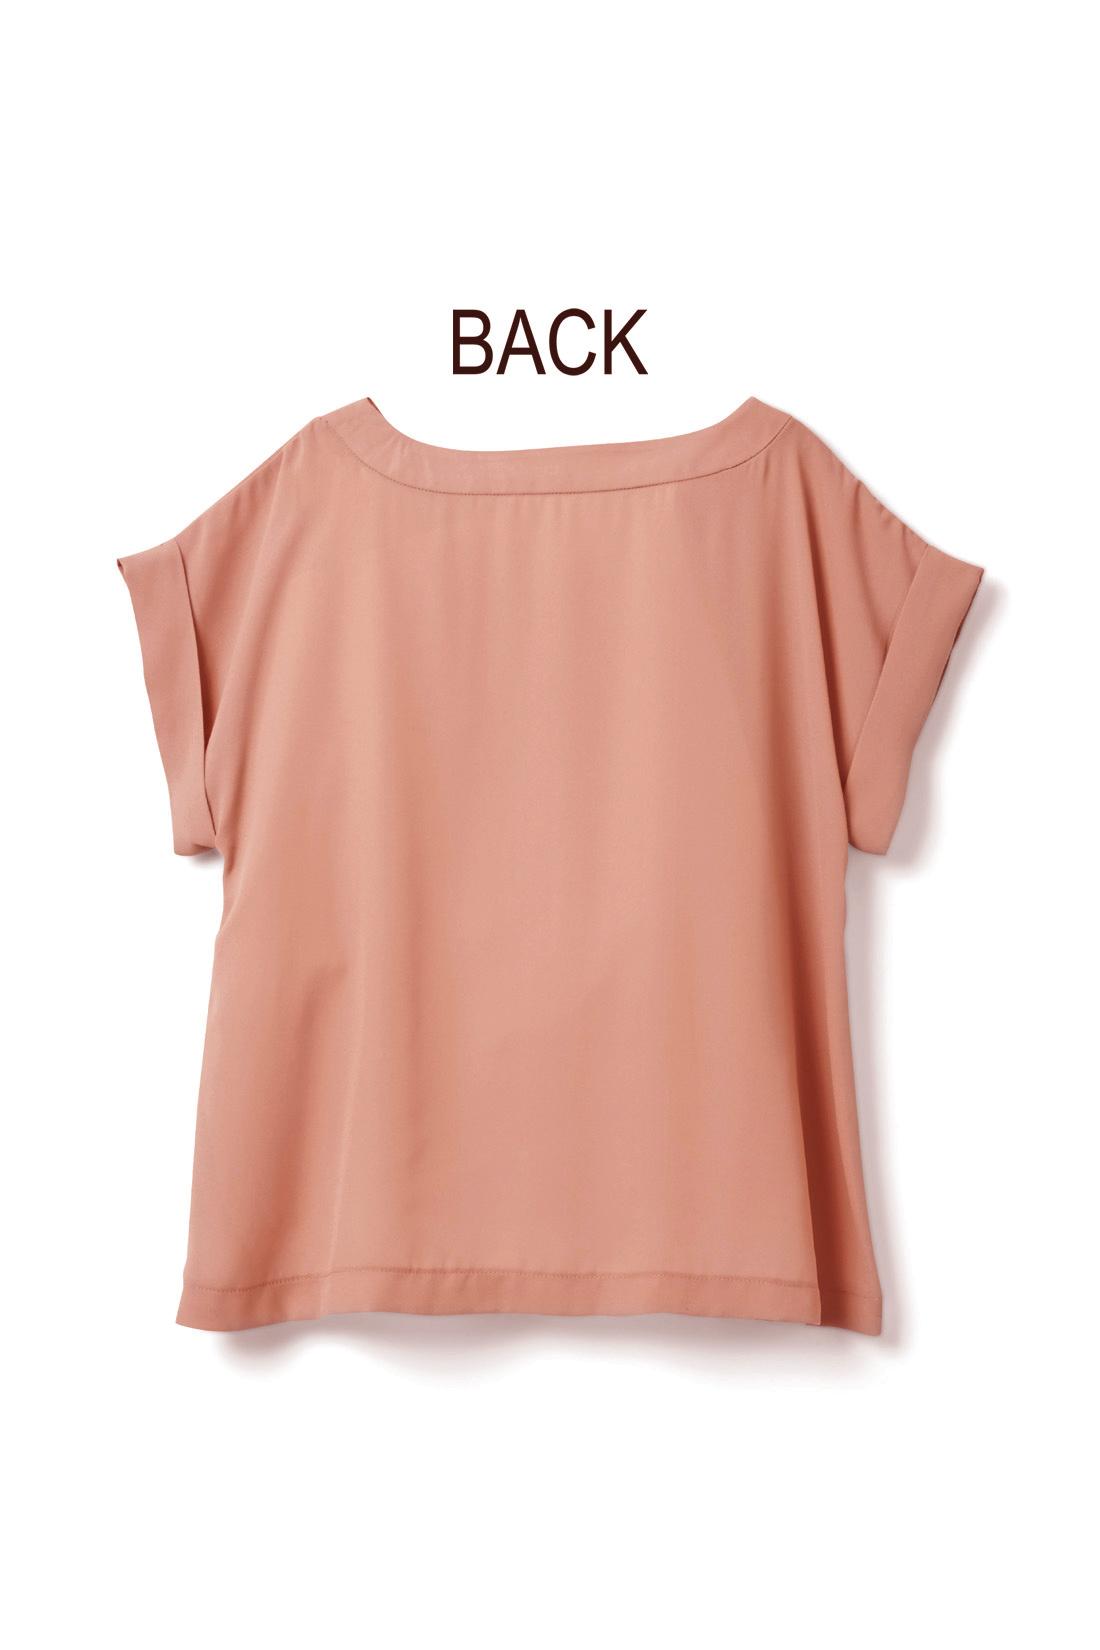 後ろはシンプルでジャケットインにもスッキリ。 ※お届けするカラーとは異なります。